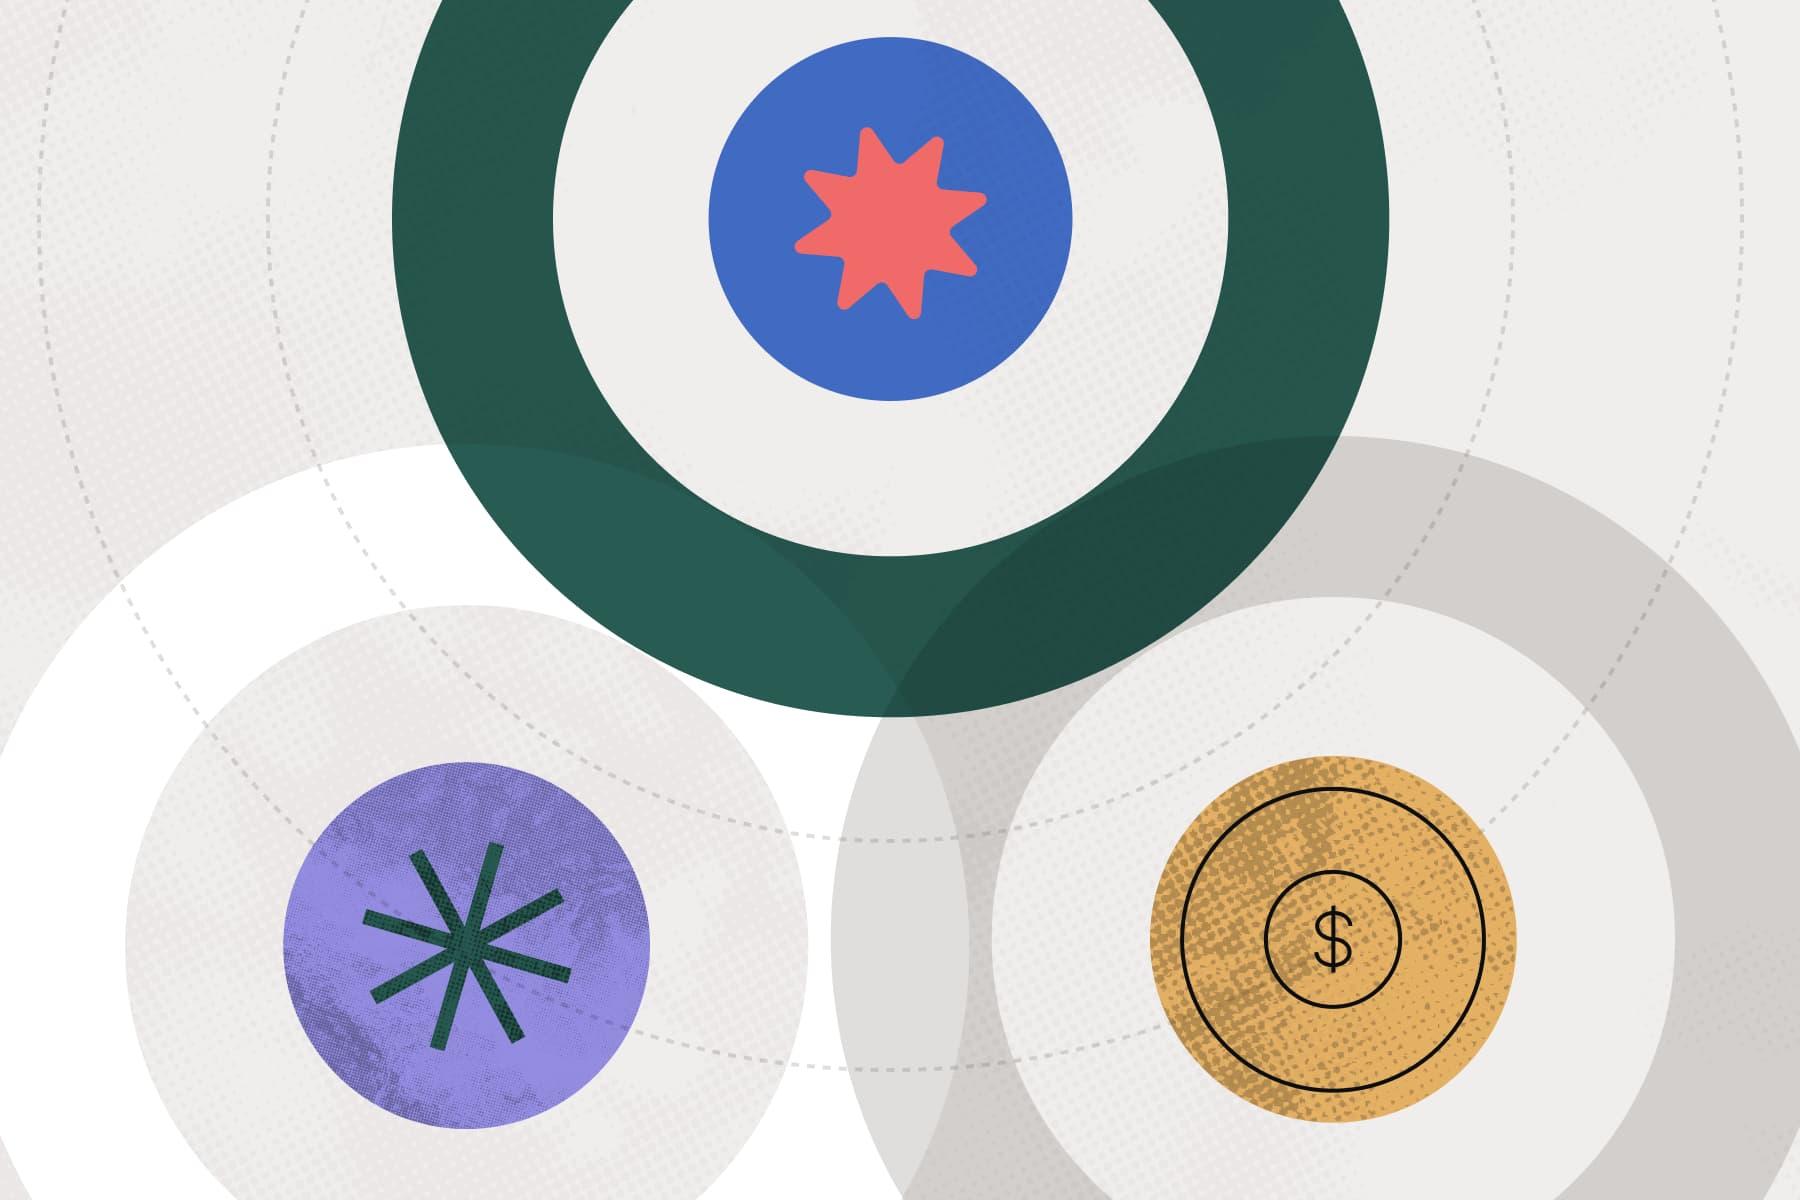 Des objectifs audacieux pour accomplir l'impossible: les BHAG - Image bannière de l'article